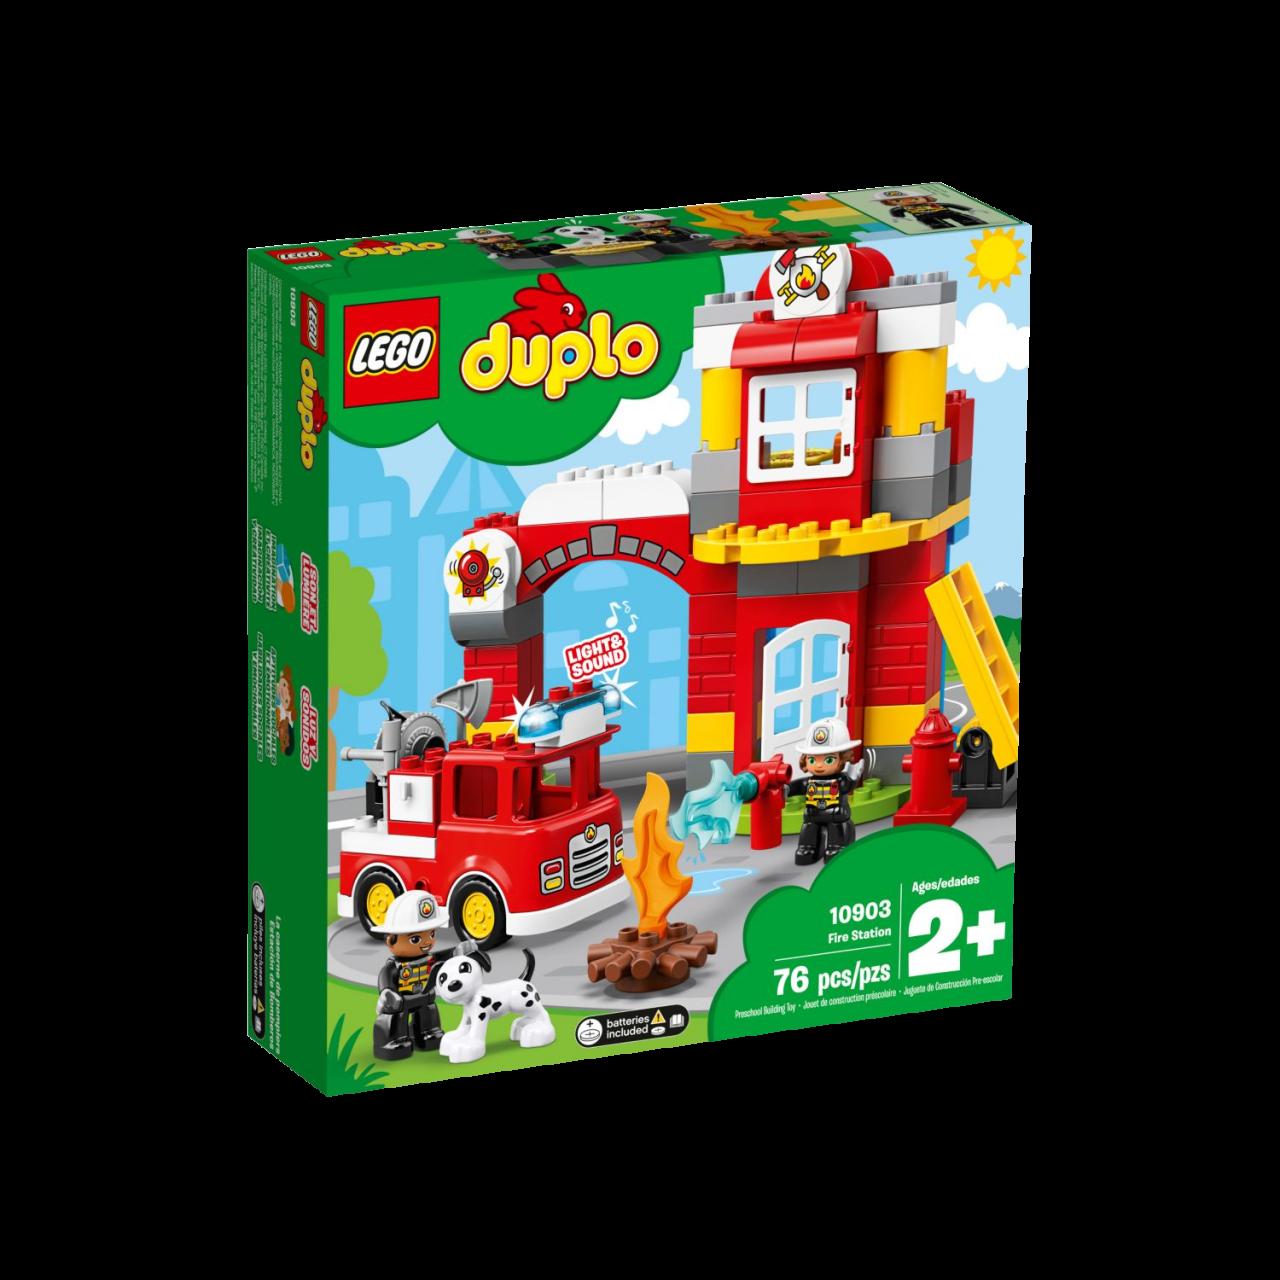 LEGO DUPLO 10903 Feuerwehrwache